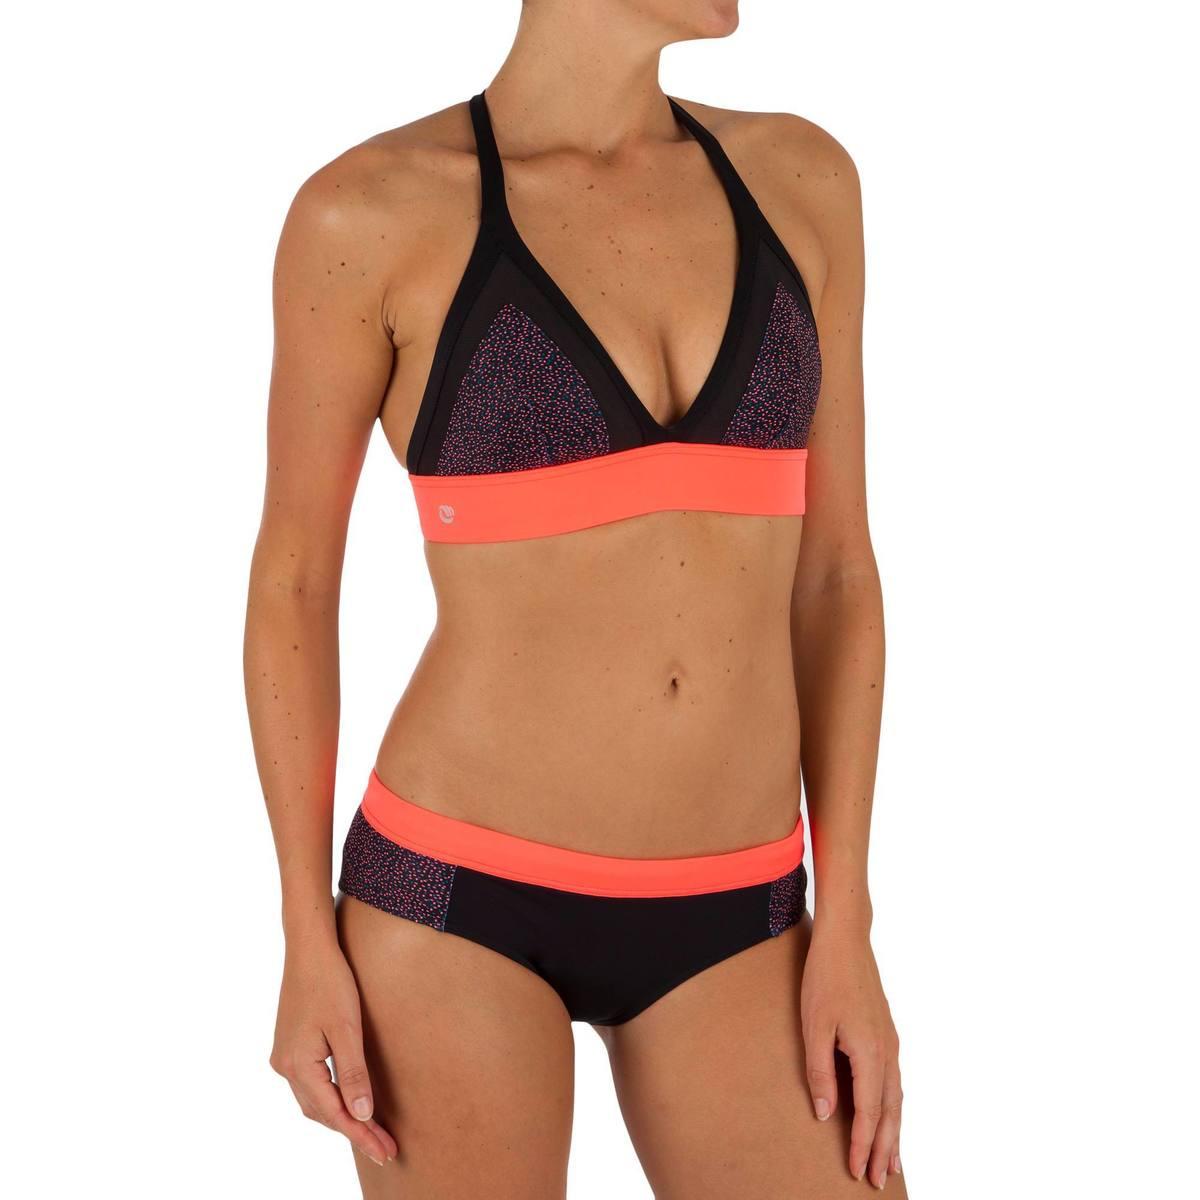 Bild 5 von Bikini-Oberteil Bustier Isa Shine Surfen Damen